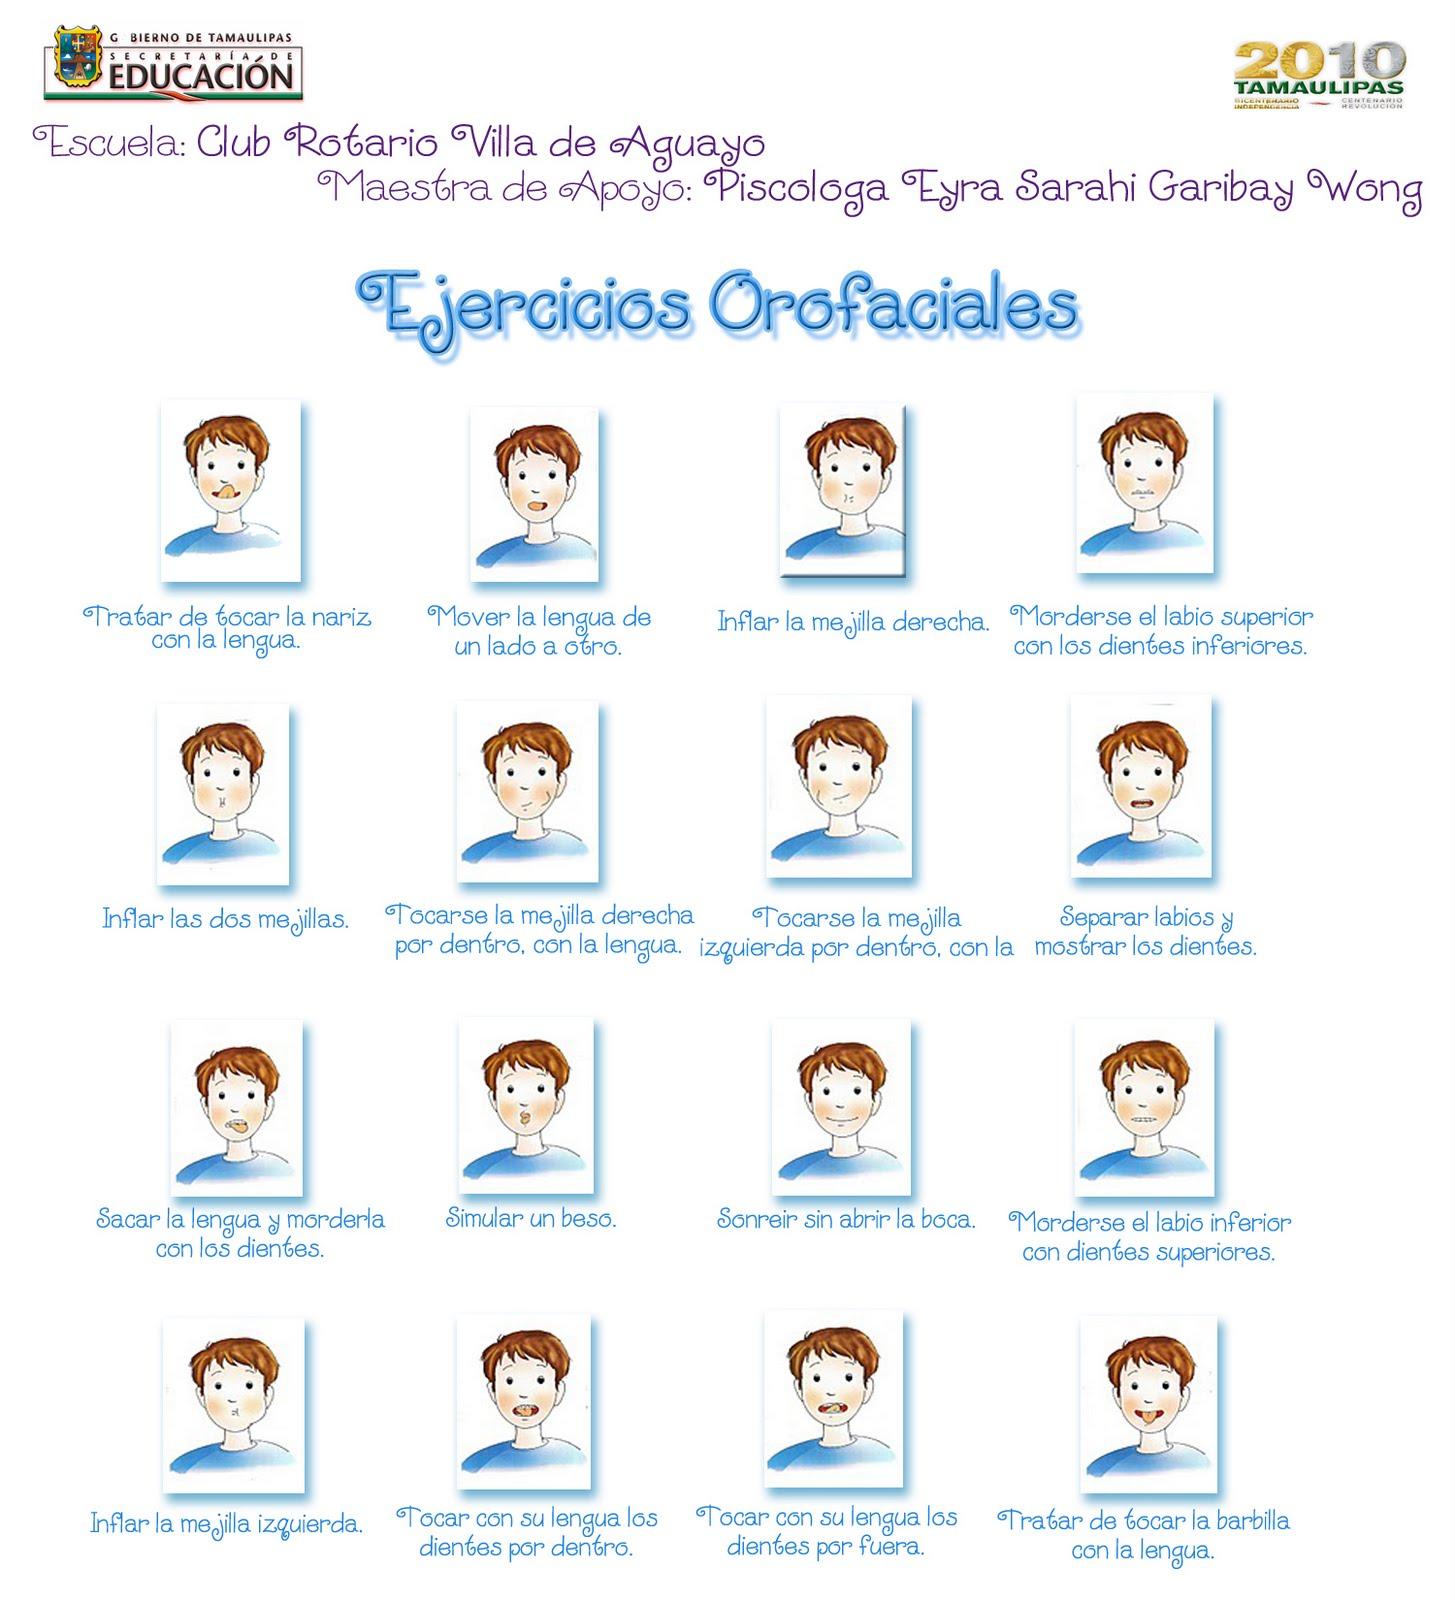 El Lenguaje de los Niños: Ejercicios Orofaciales. Juego de dados.